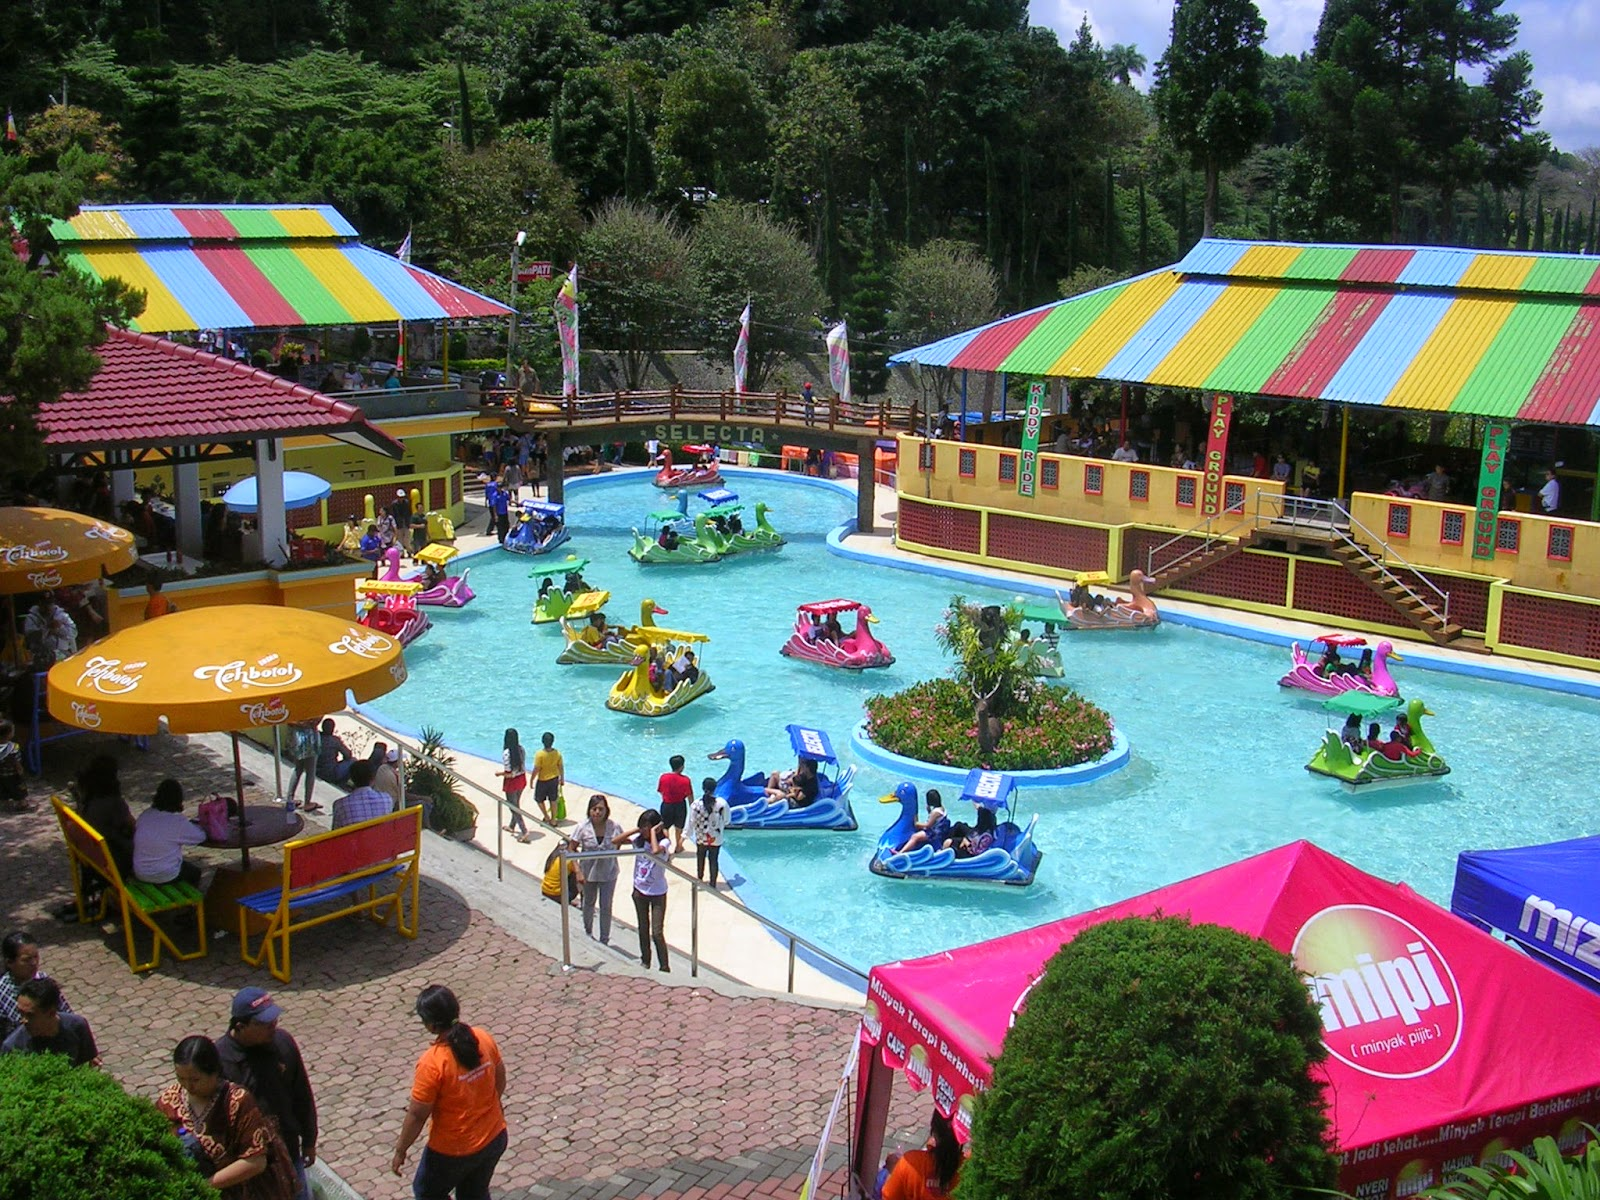 Tempat Wisata Paling Populer di kota Malang   Deqwan1 Blog